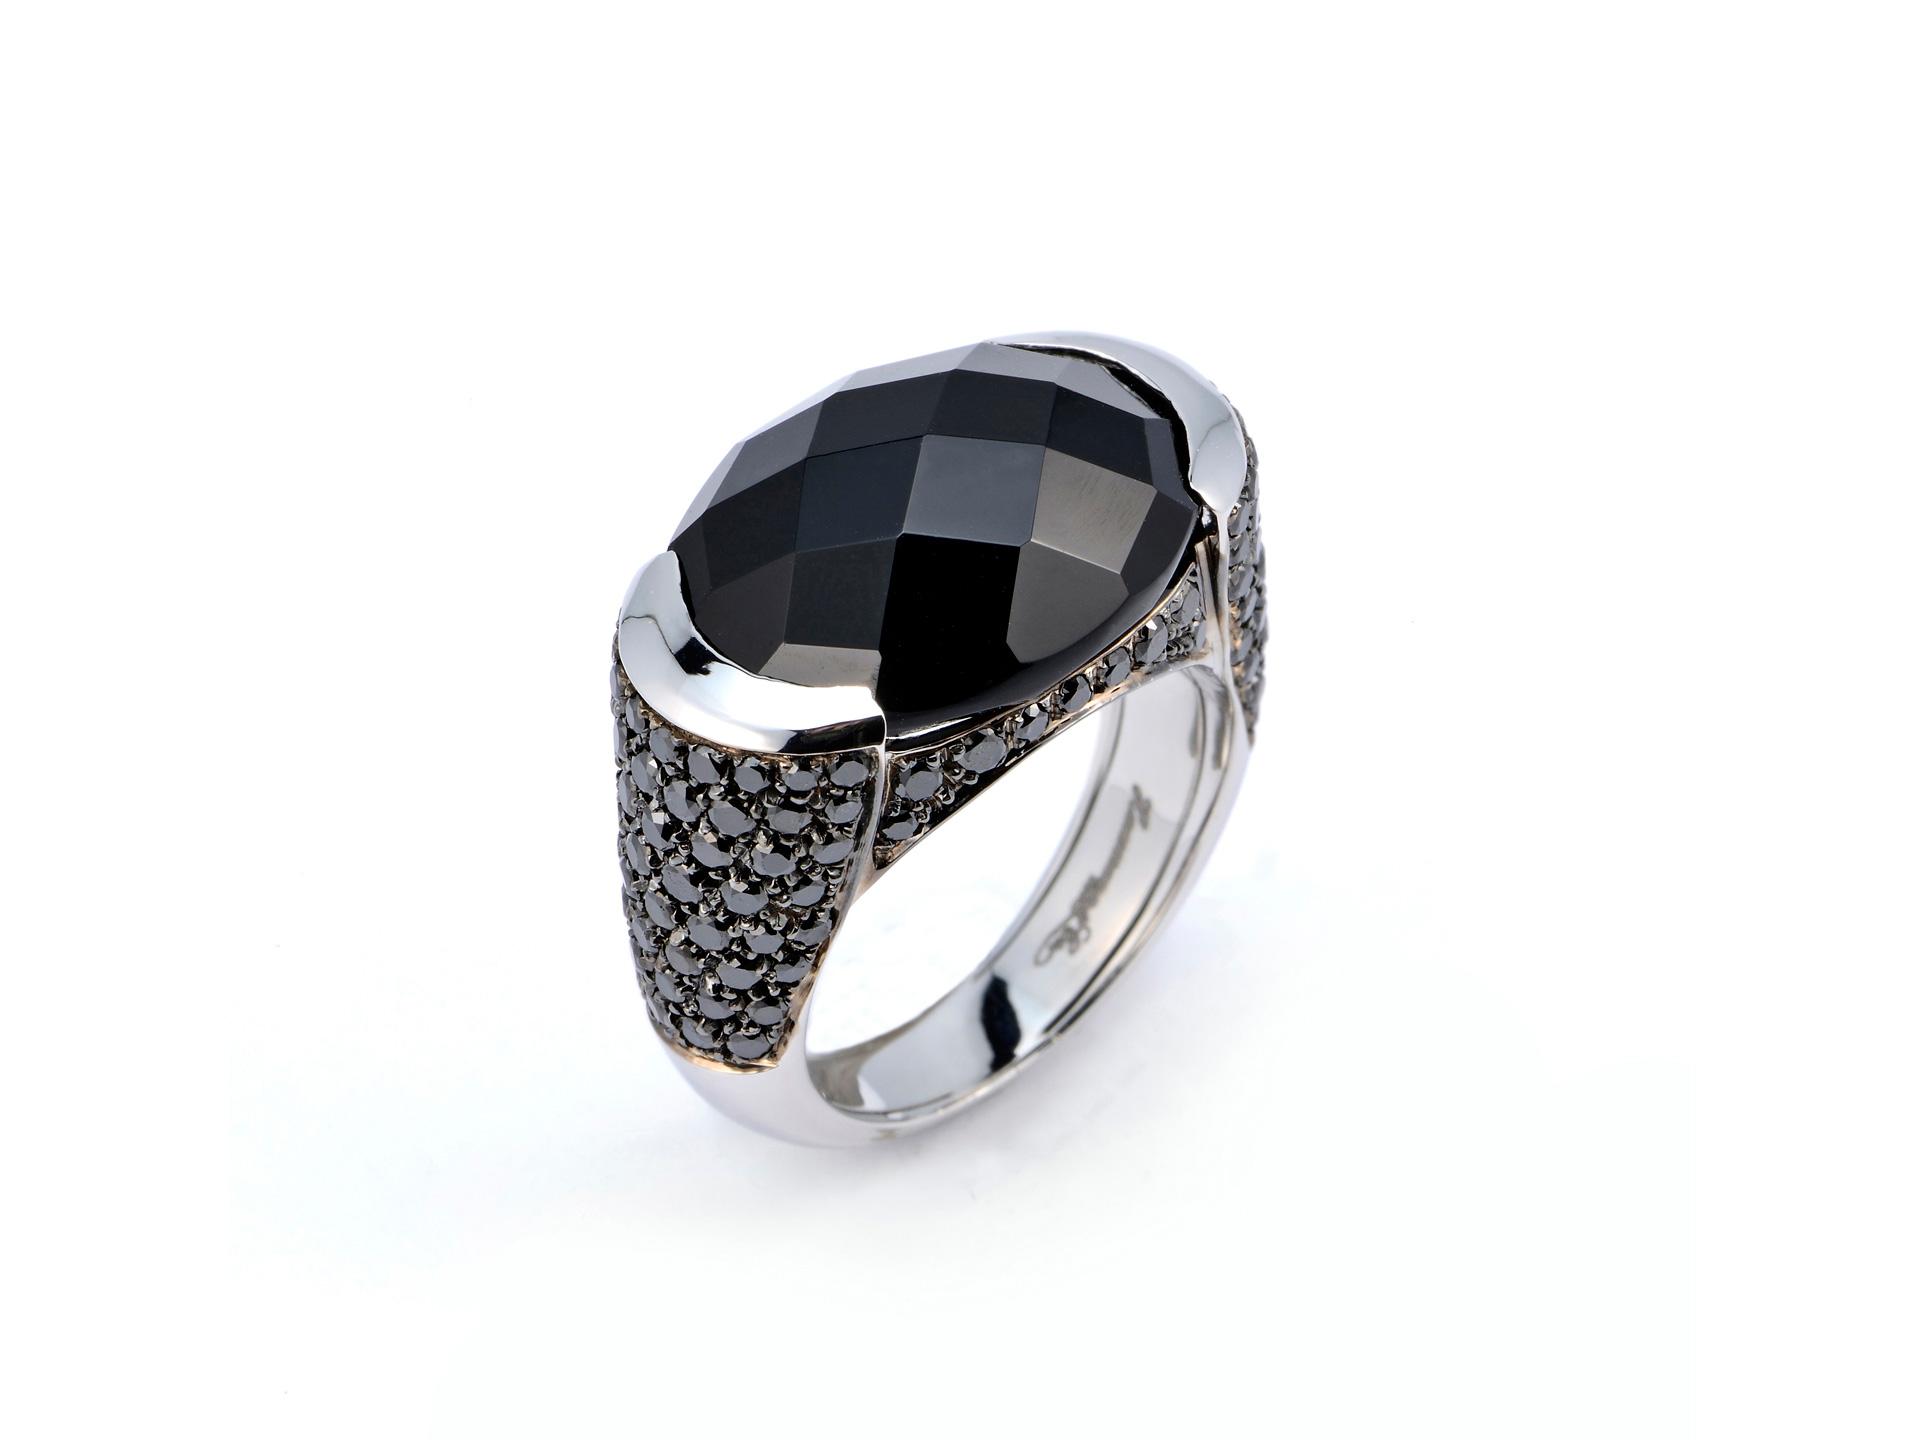 Favorito Anello Oro Pietra Wedding: Singolo anello in oro con pietre dure  JU29